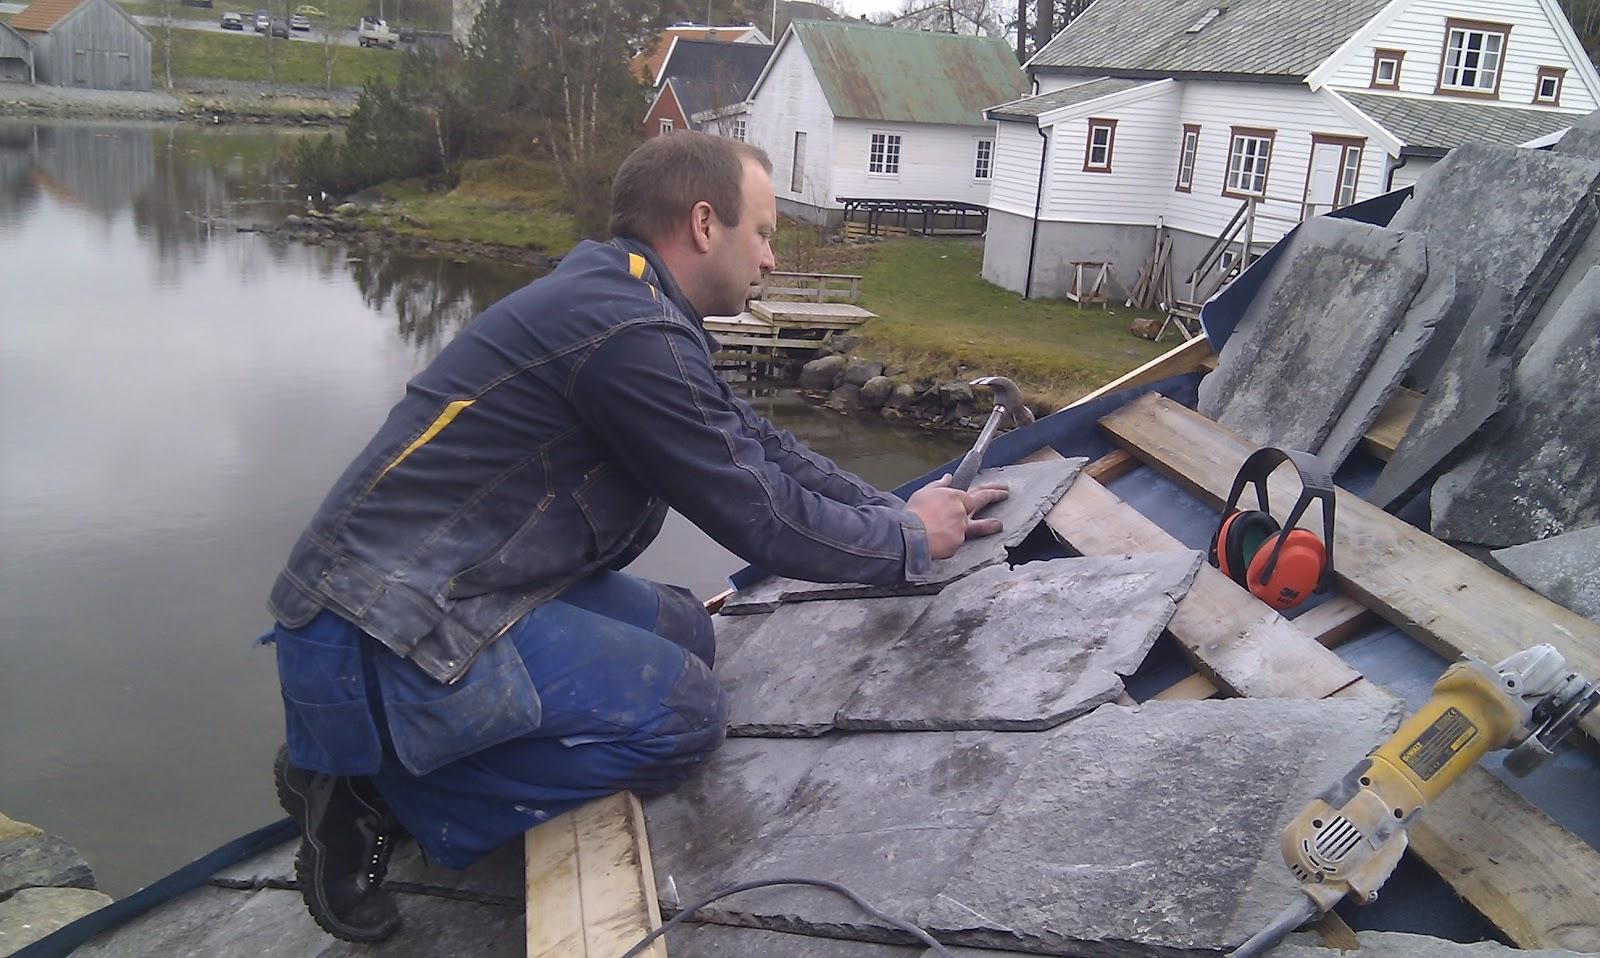 Legge skifer på tak